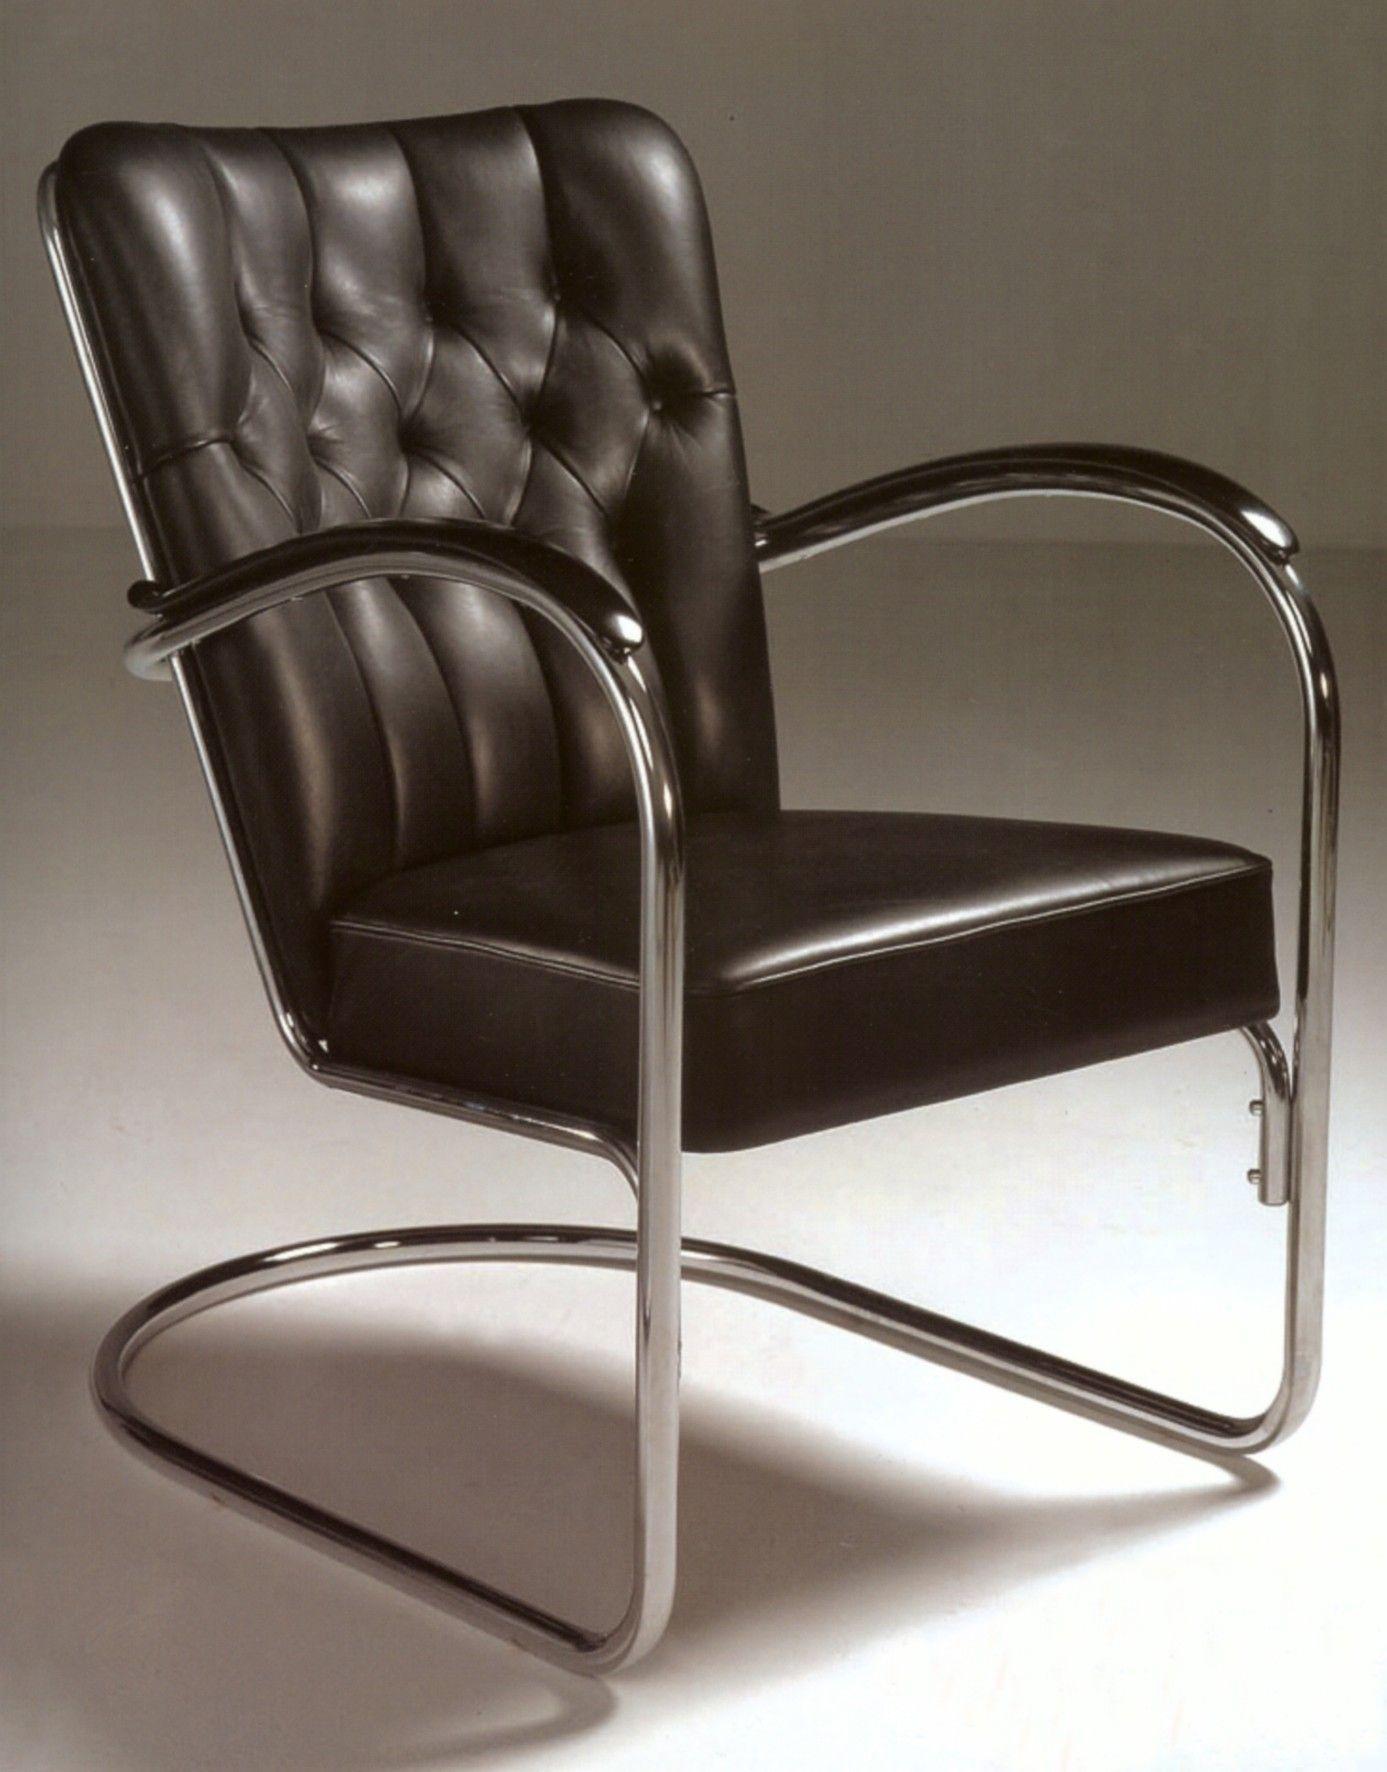 Gispen stoel furniture pinterest bauhaus steel for Bauhaus stoel vintage